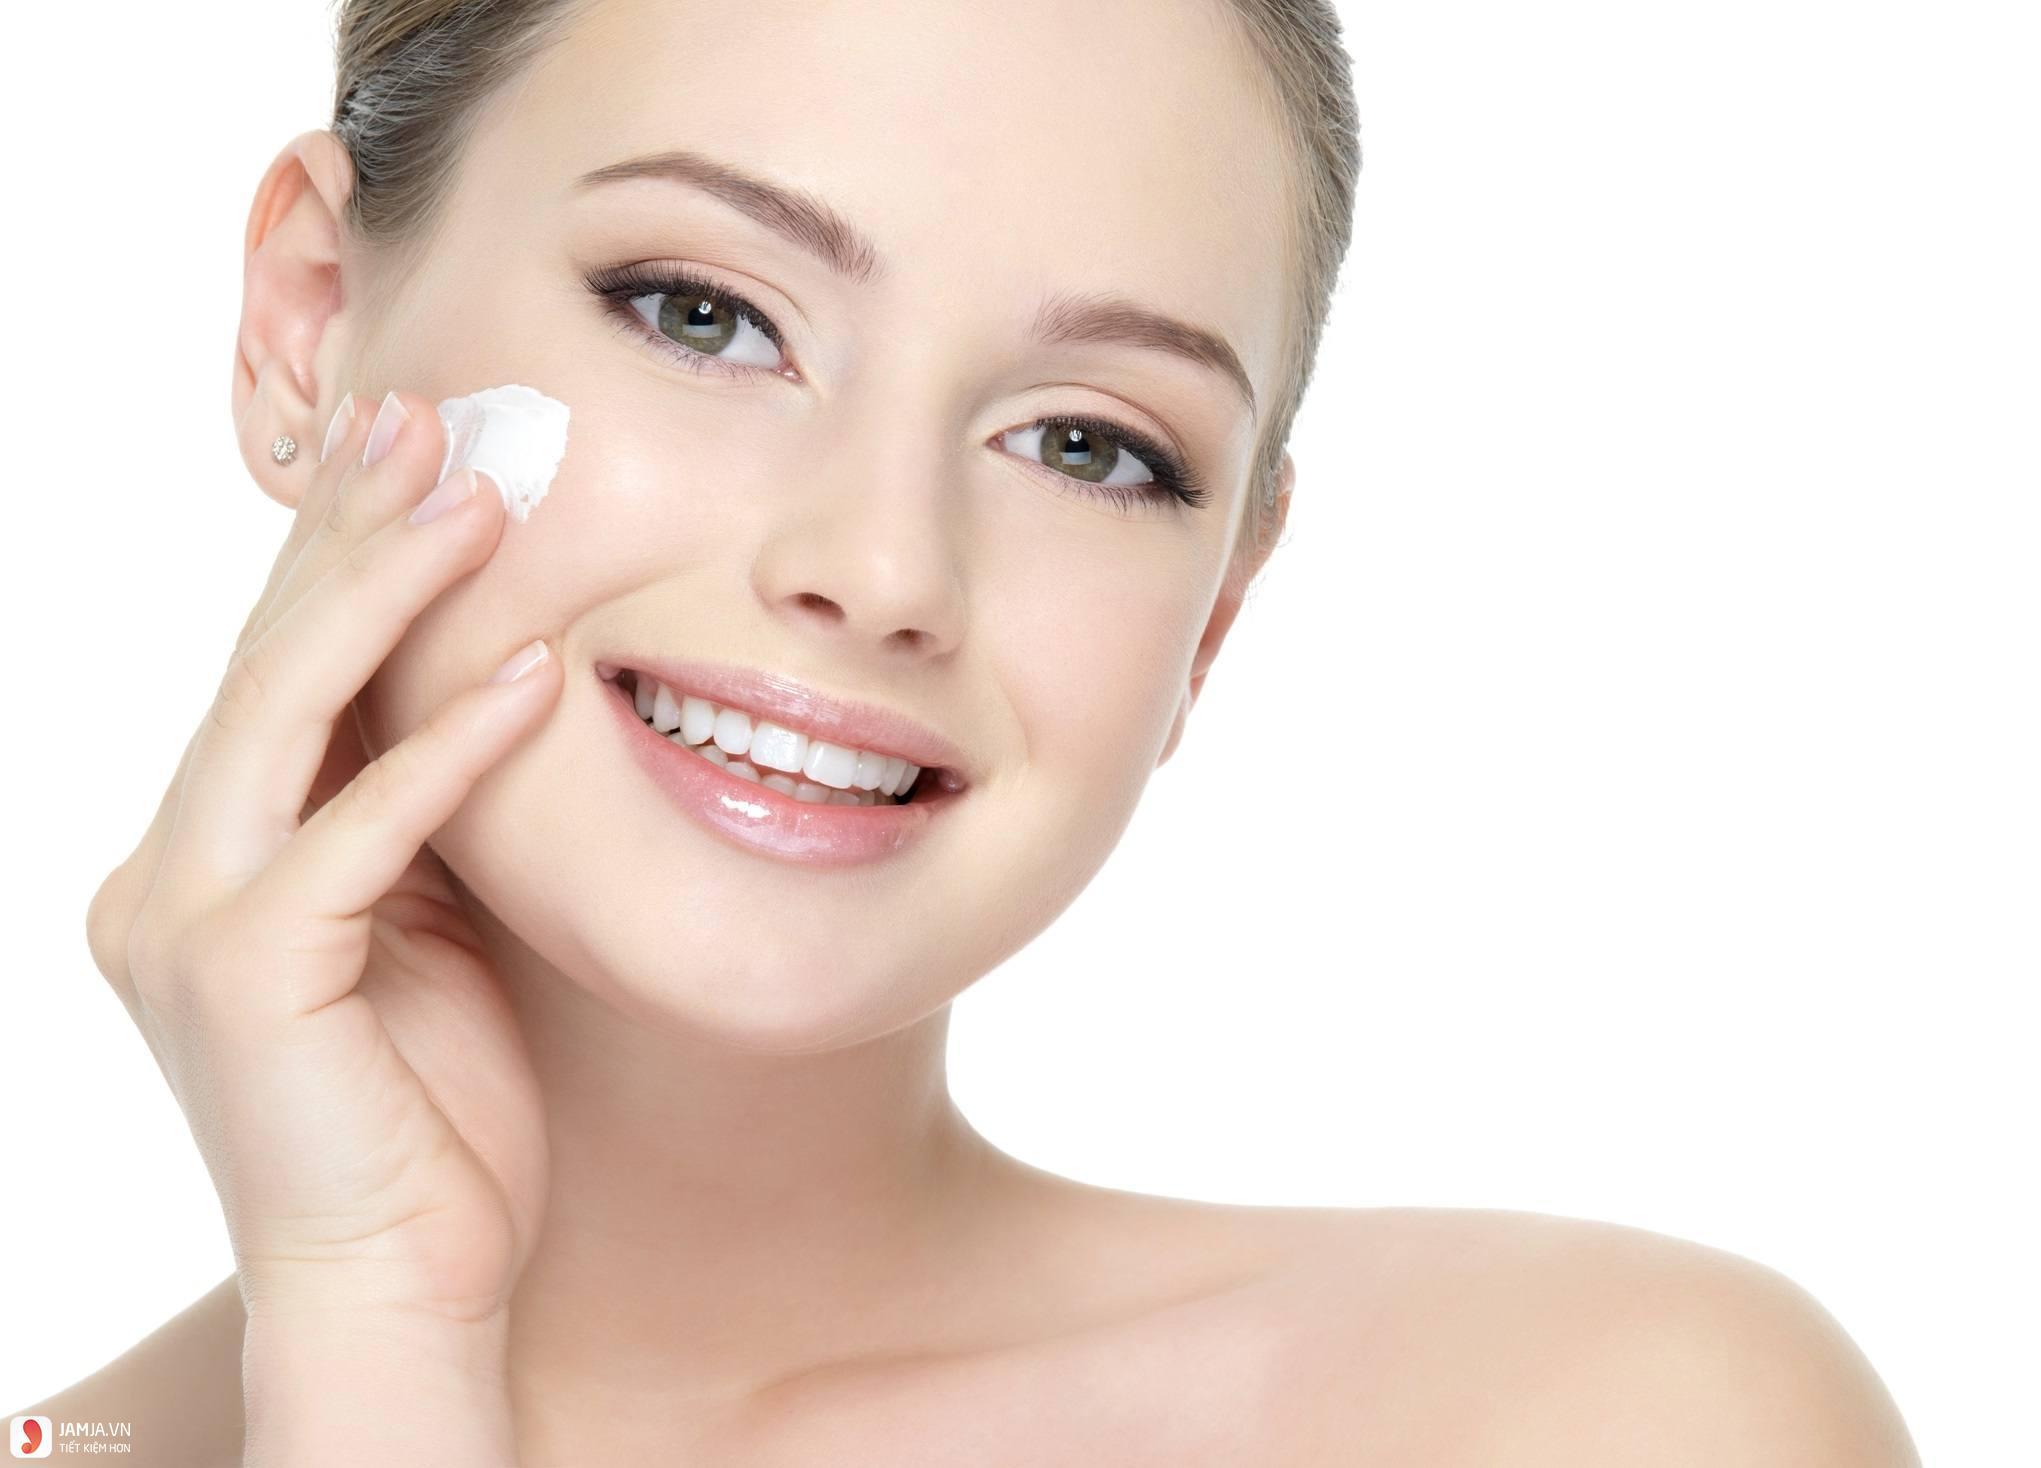 kem dưỡng ẩm cho da có tác dụng gì